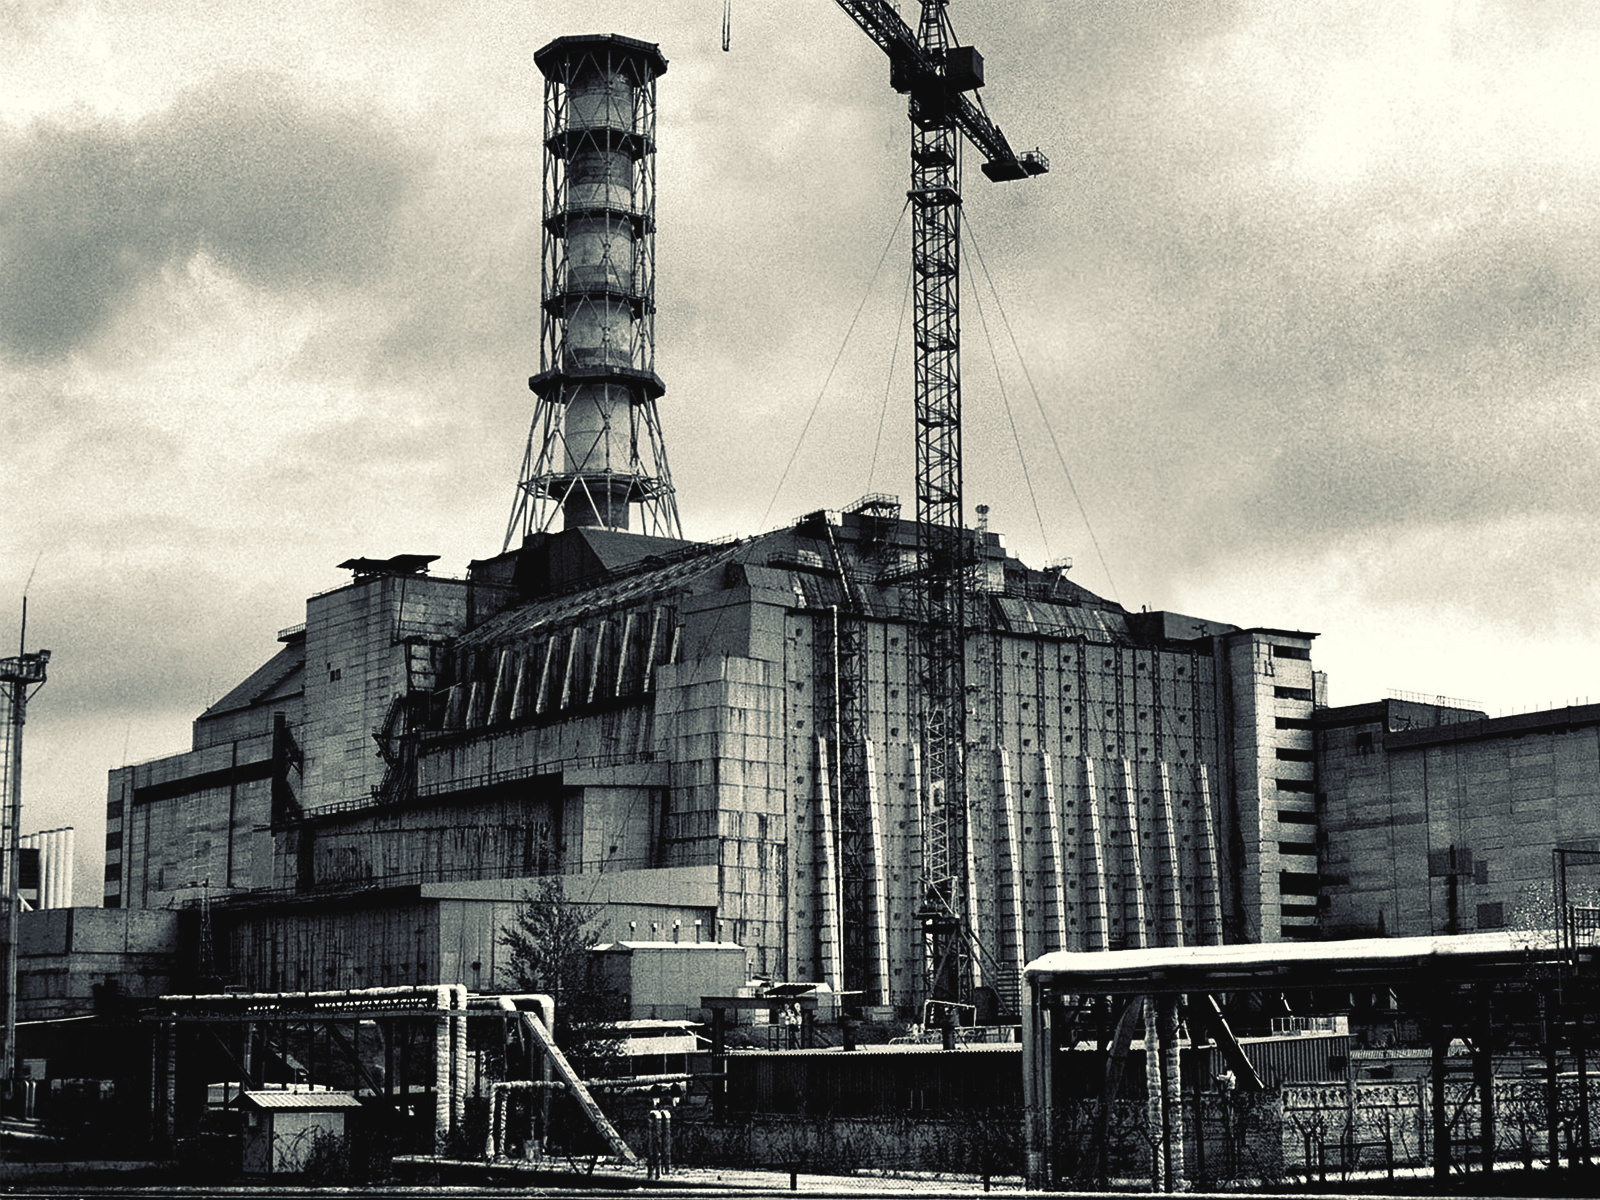 Припять, Чернобль, фото, обои для рабочего стола, катастрофа, АЭС